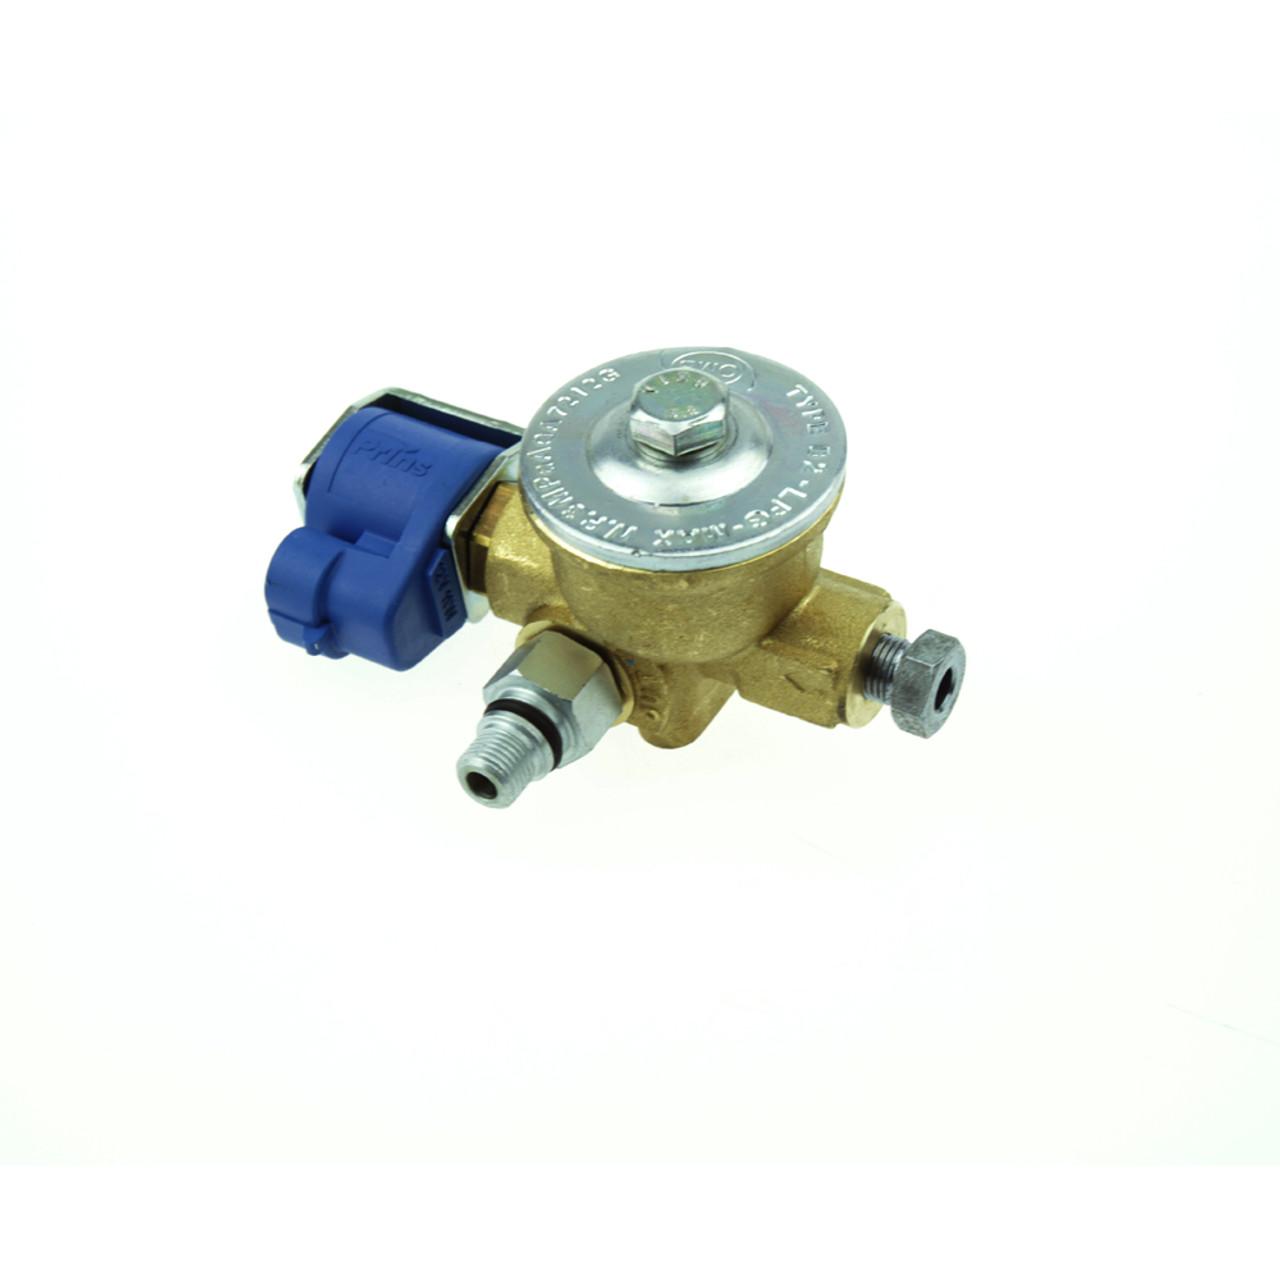 Prins VSI-2 0 LPG Autogas Conversion System Flex Pipe Front Kit